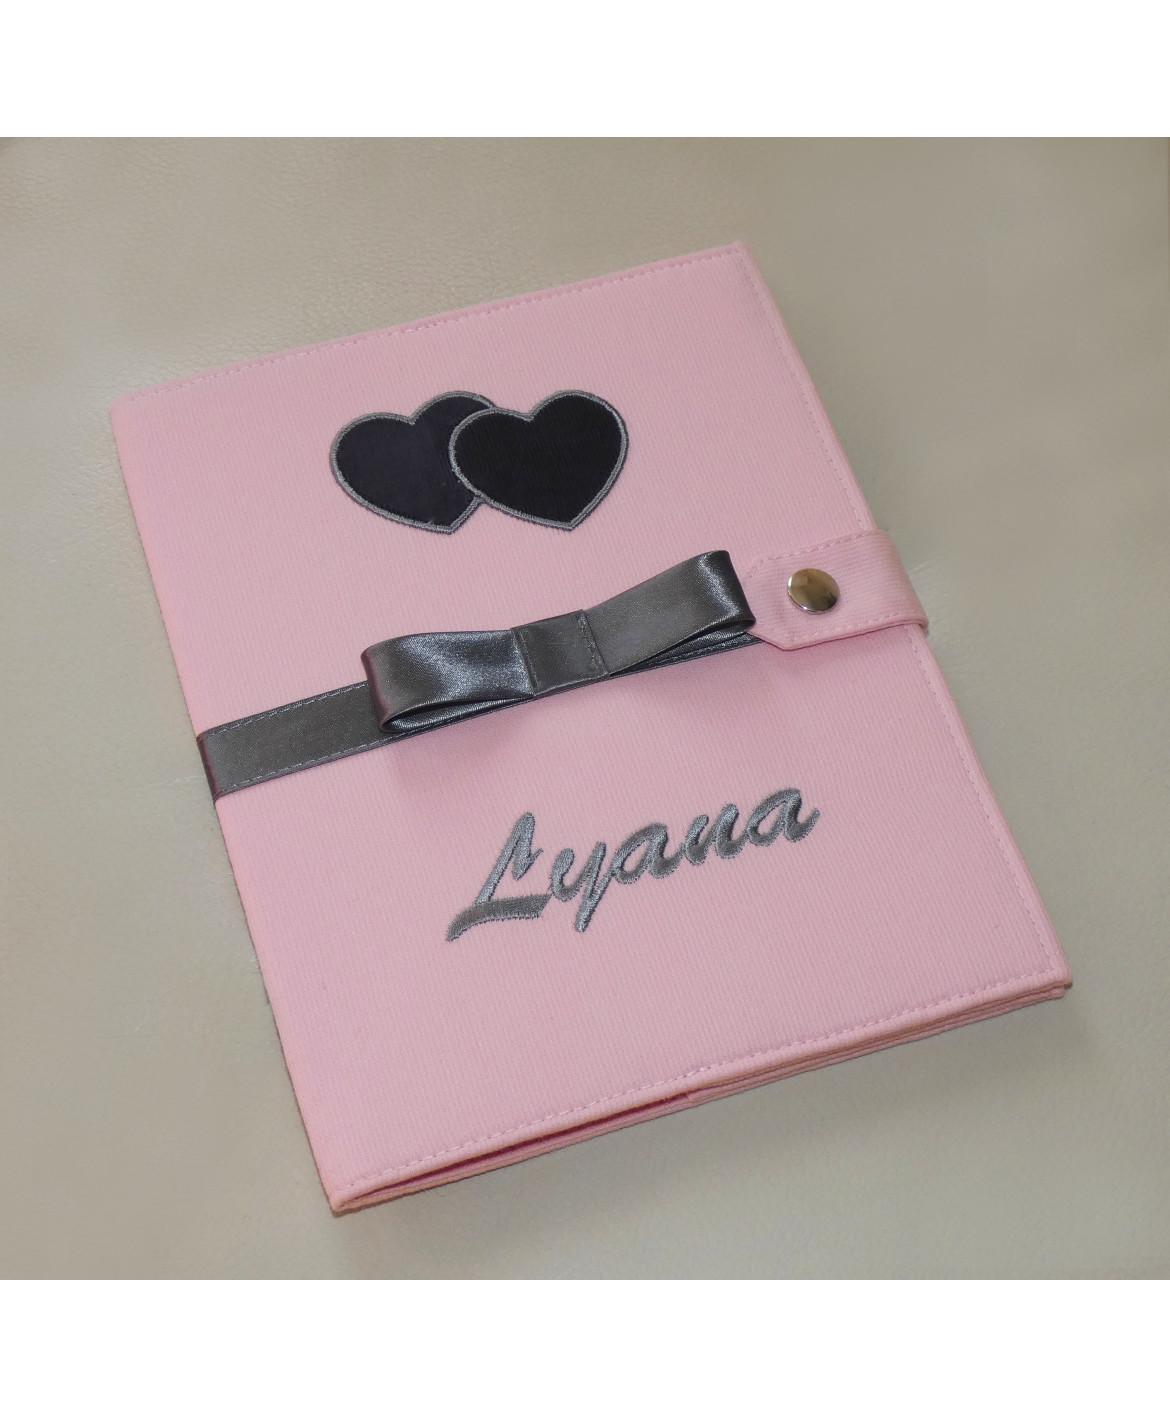 Protège carnet de santé fille rigide personnalisé - motif coeur gris anthracite - Cadeau de naissance personnalisé